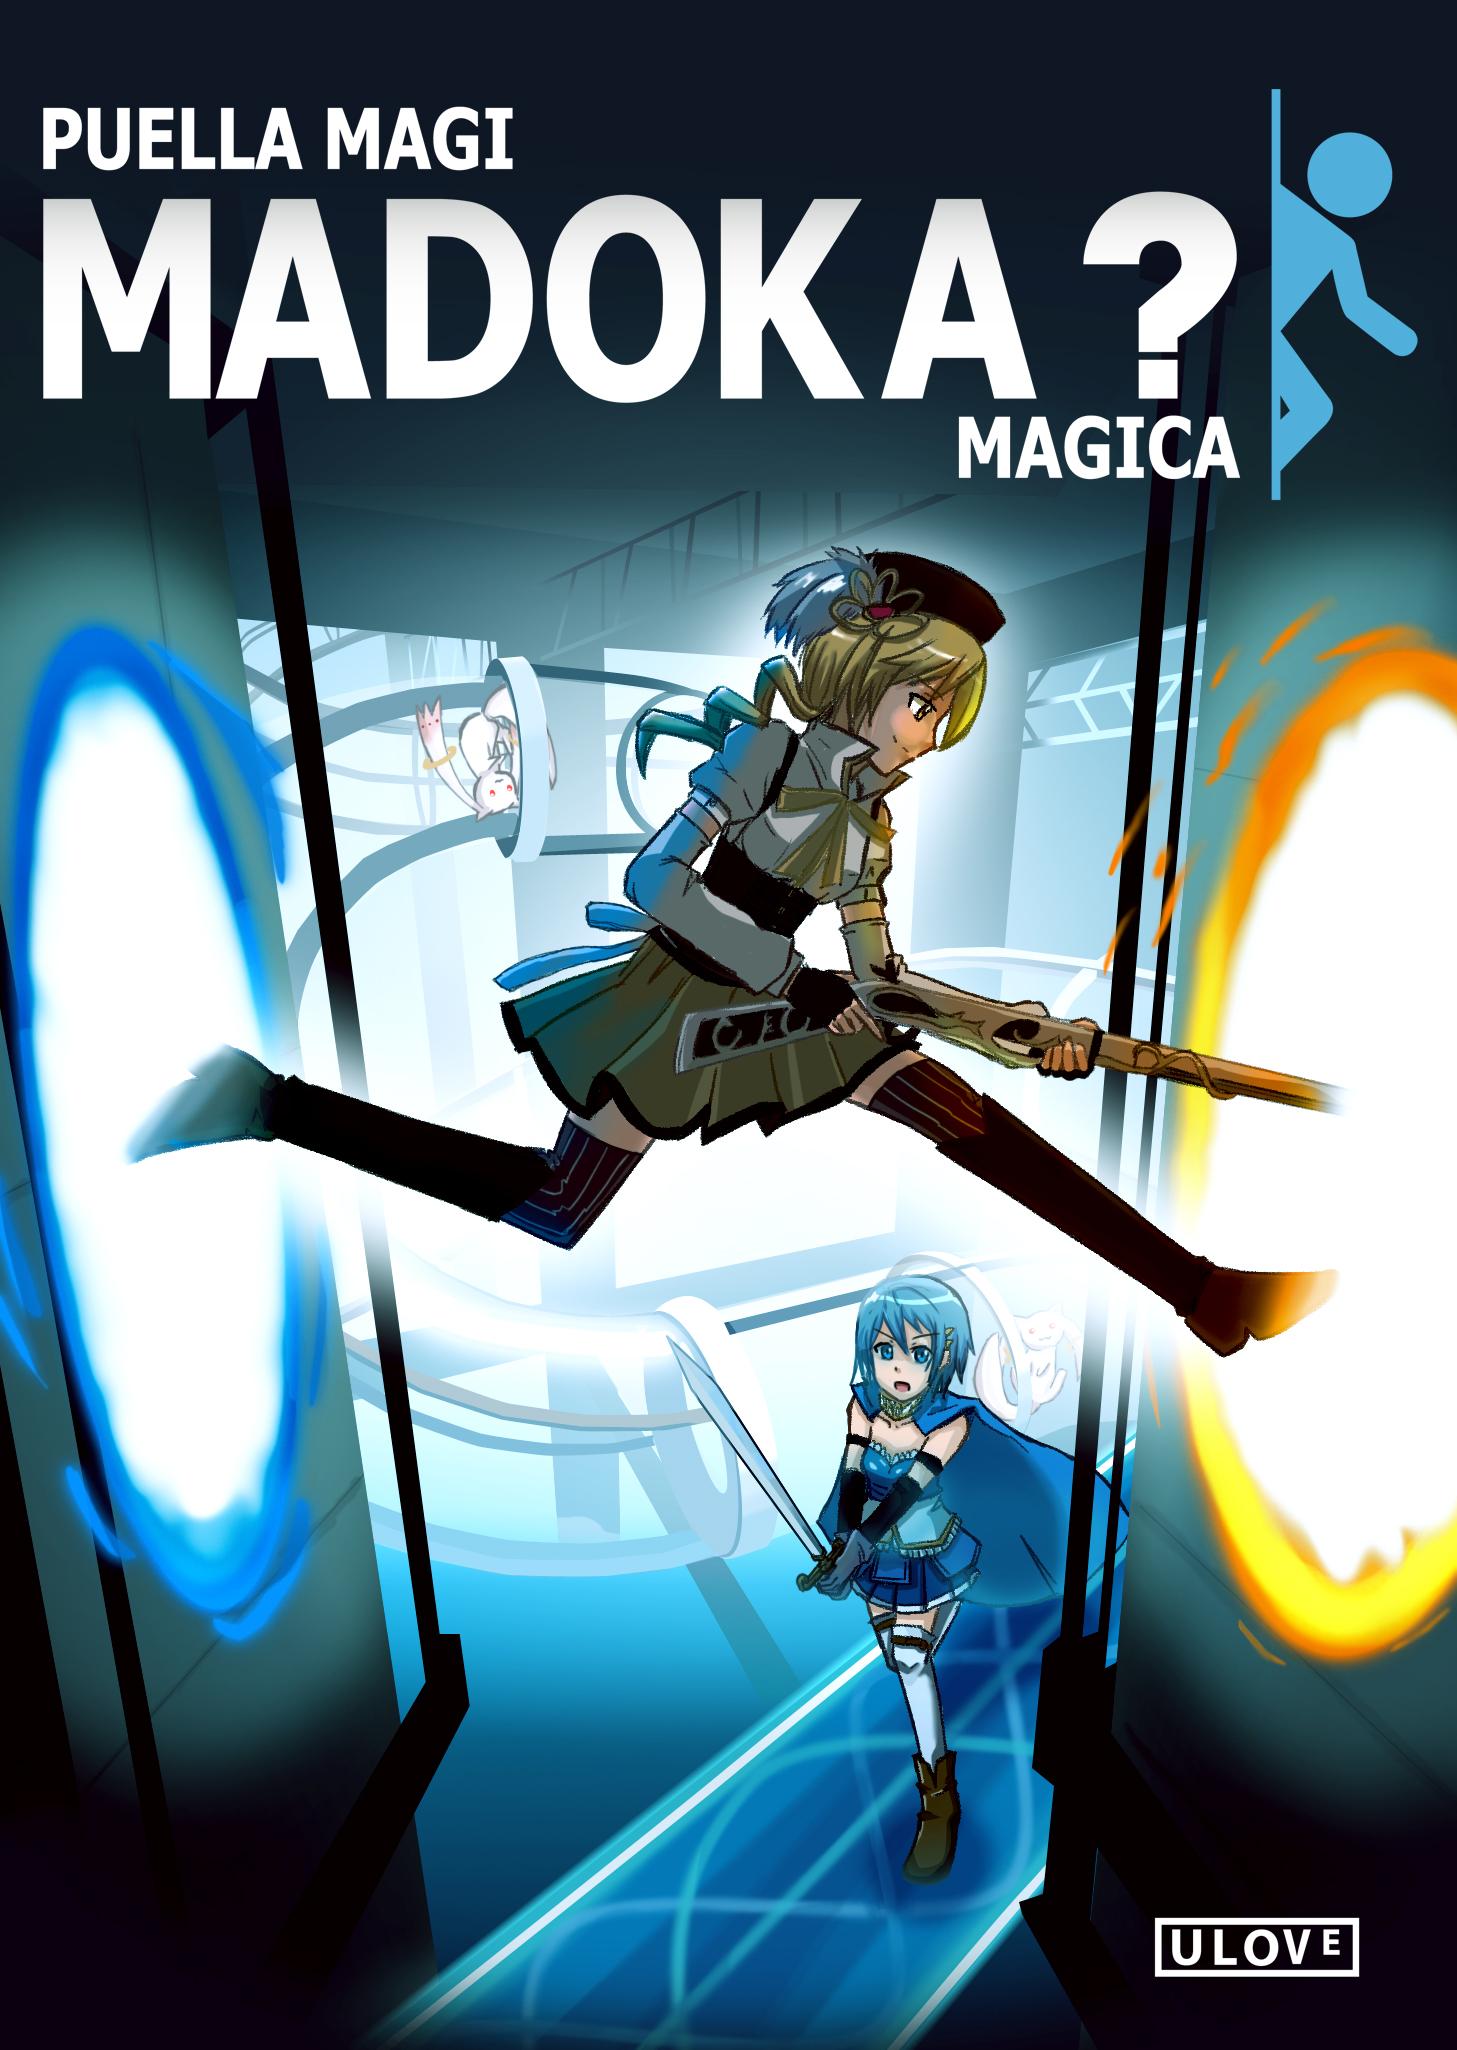 image 214781 puella magi madoka magica know your meme